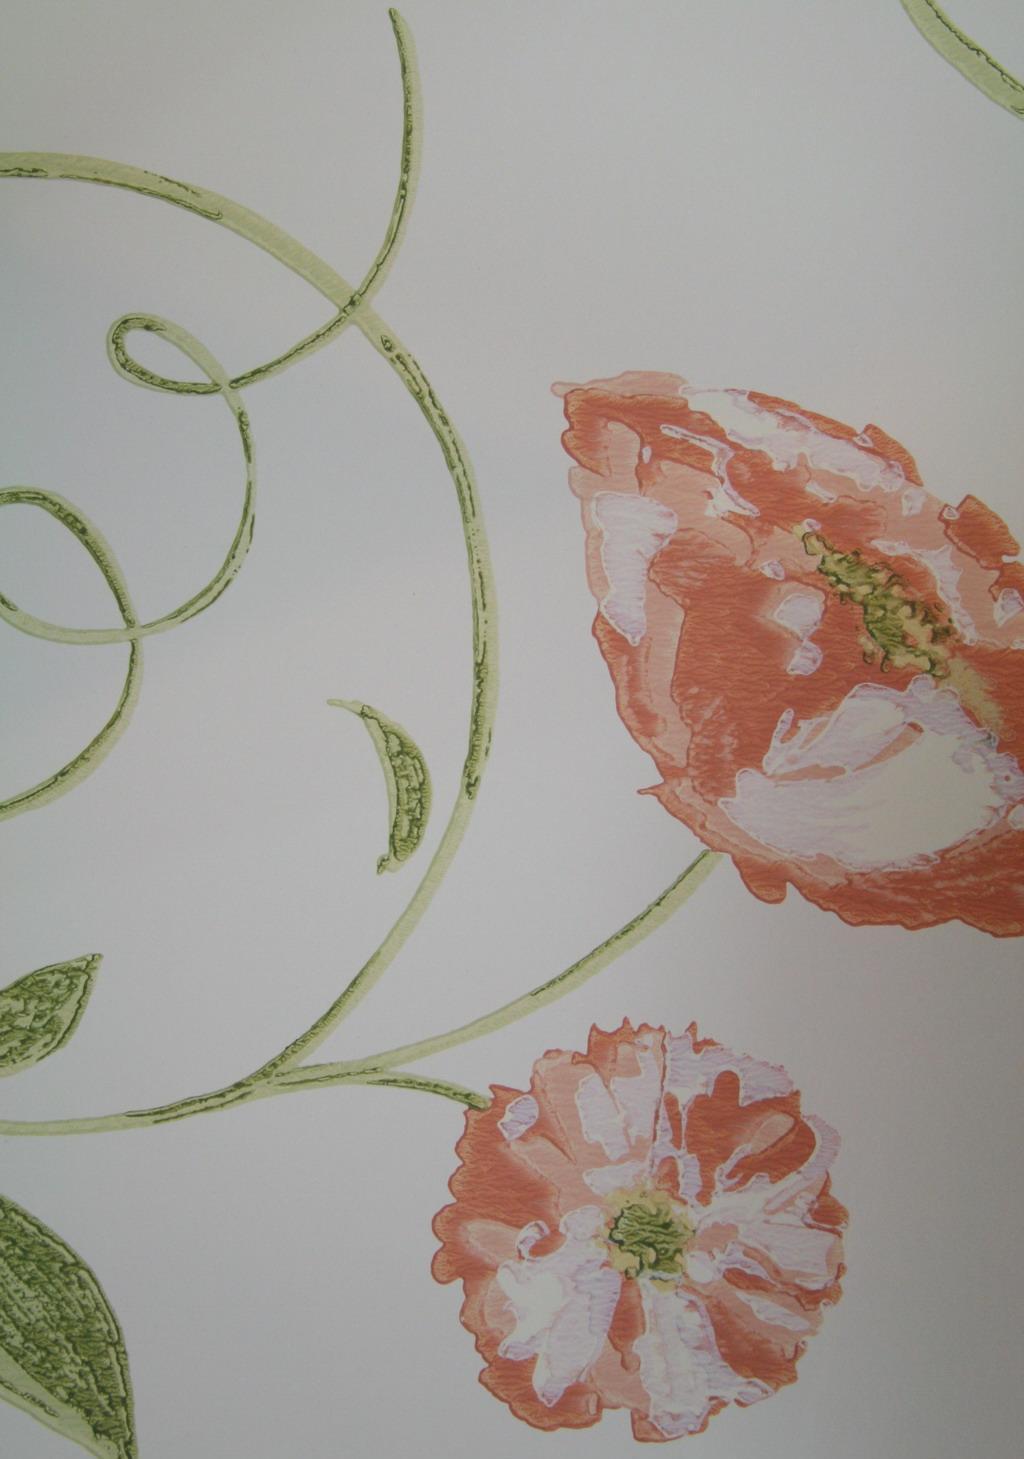 玛堡壁纸NCW2240-05NCW2240-05